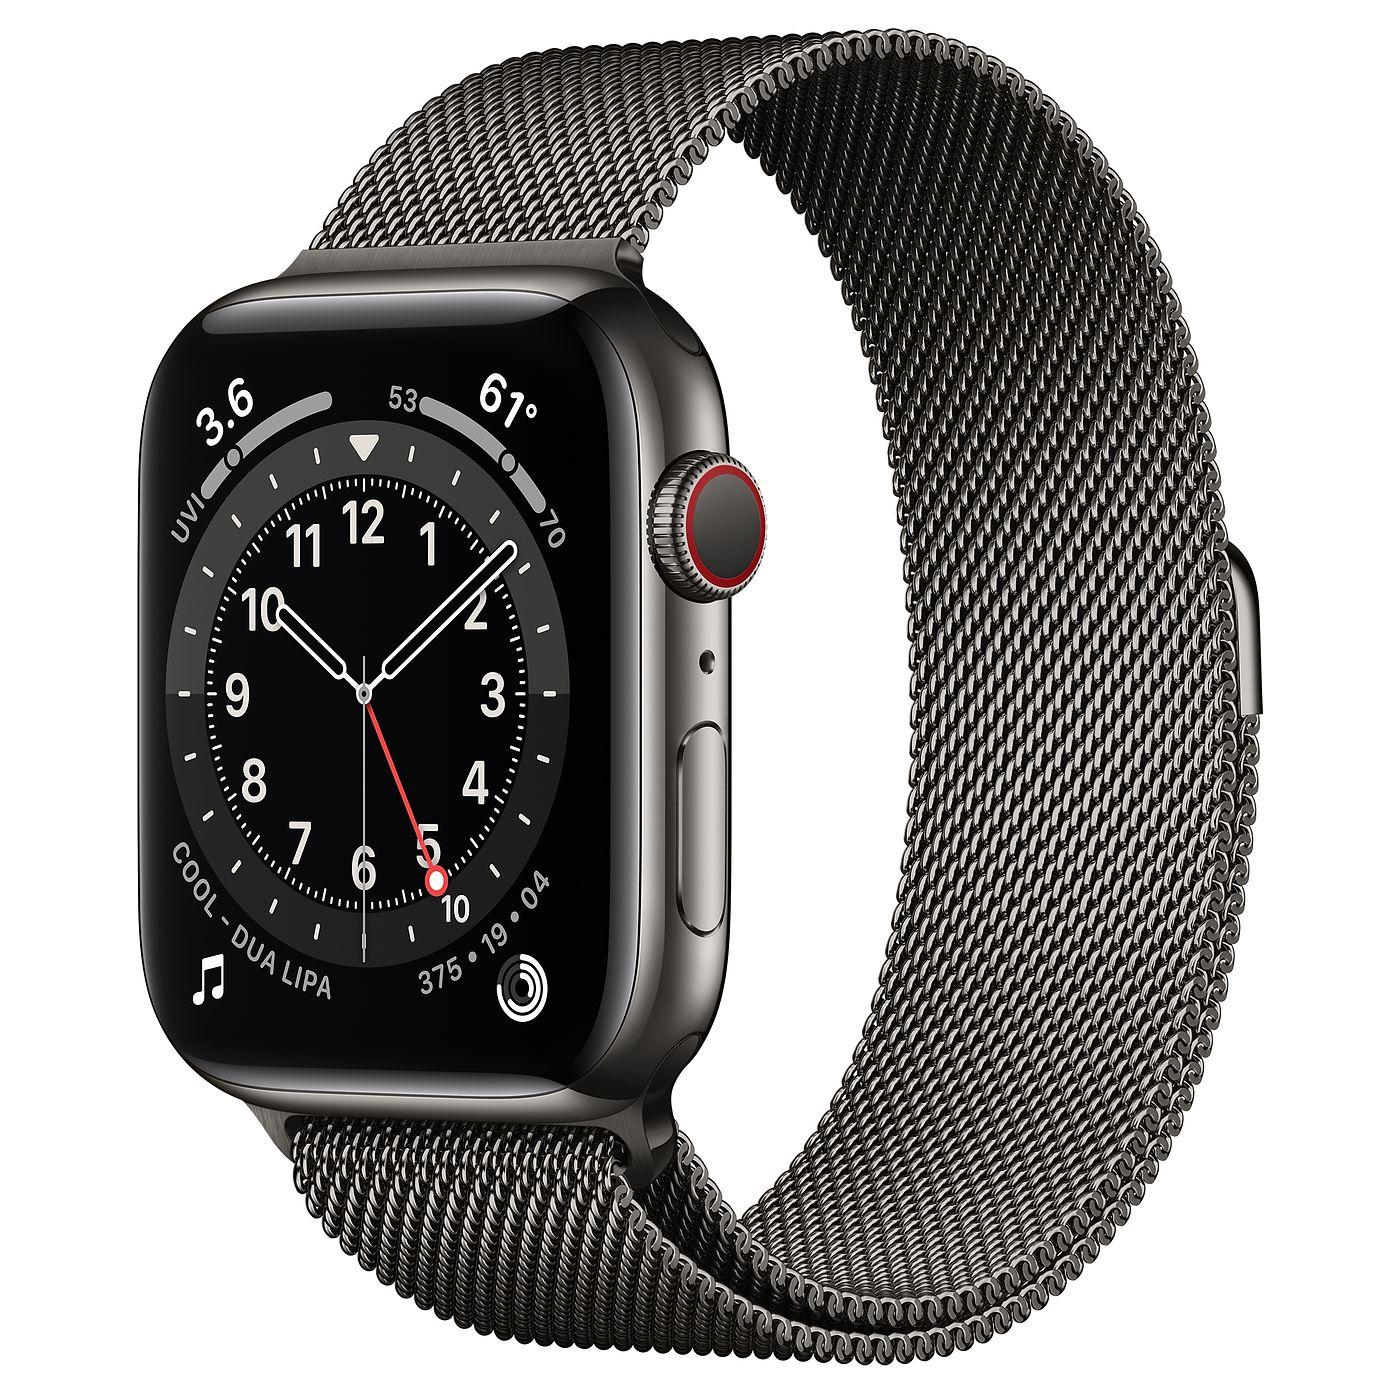 Apple 2020년 애플워치 6, GPS+Cellular, 그래파이트 스테인리스 스틸 케이스, 그래파이트 밀레니즈 루프